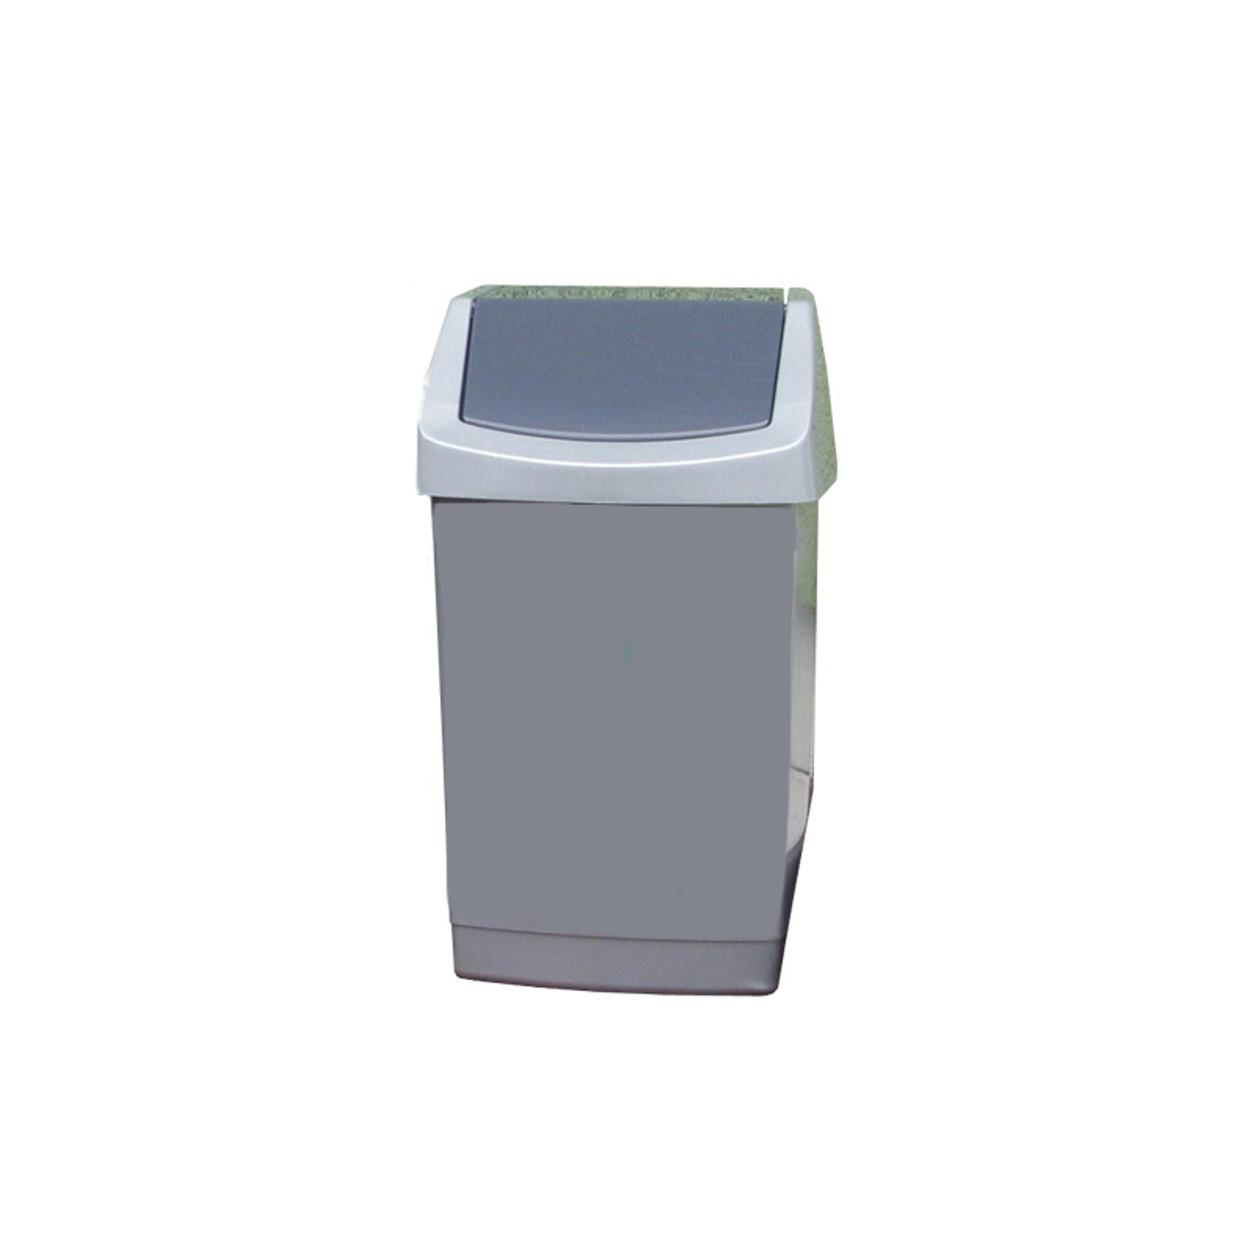 Plastový koš na odpad MINI, 25 l